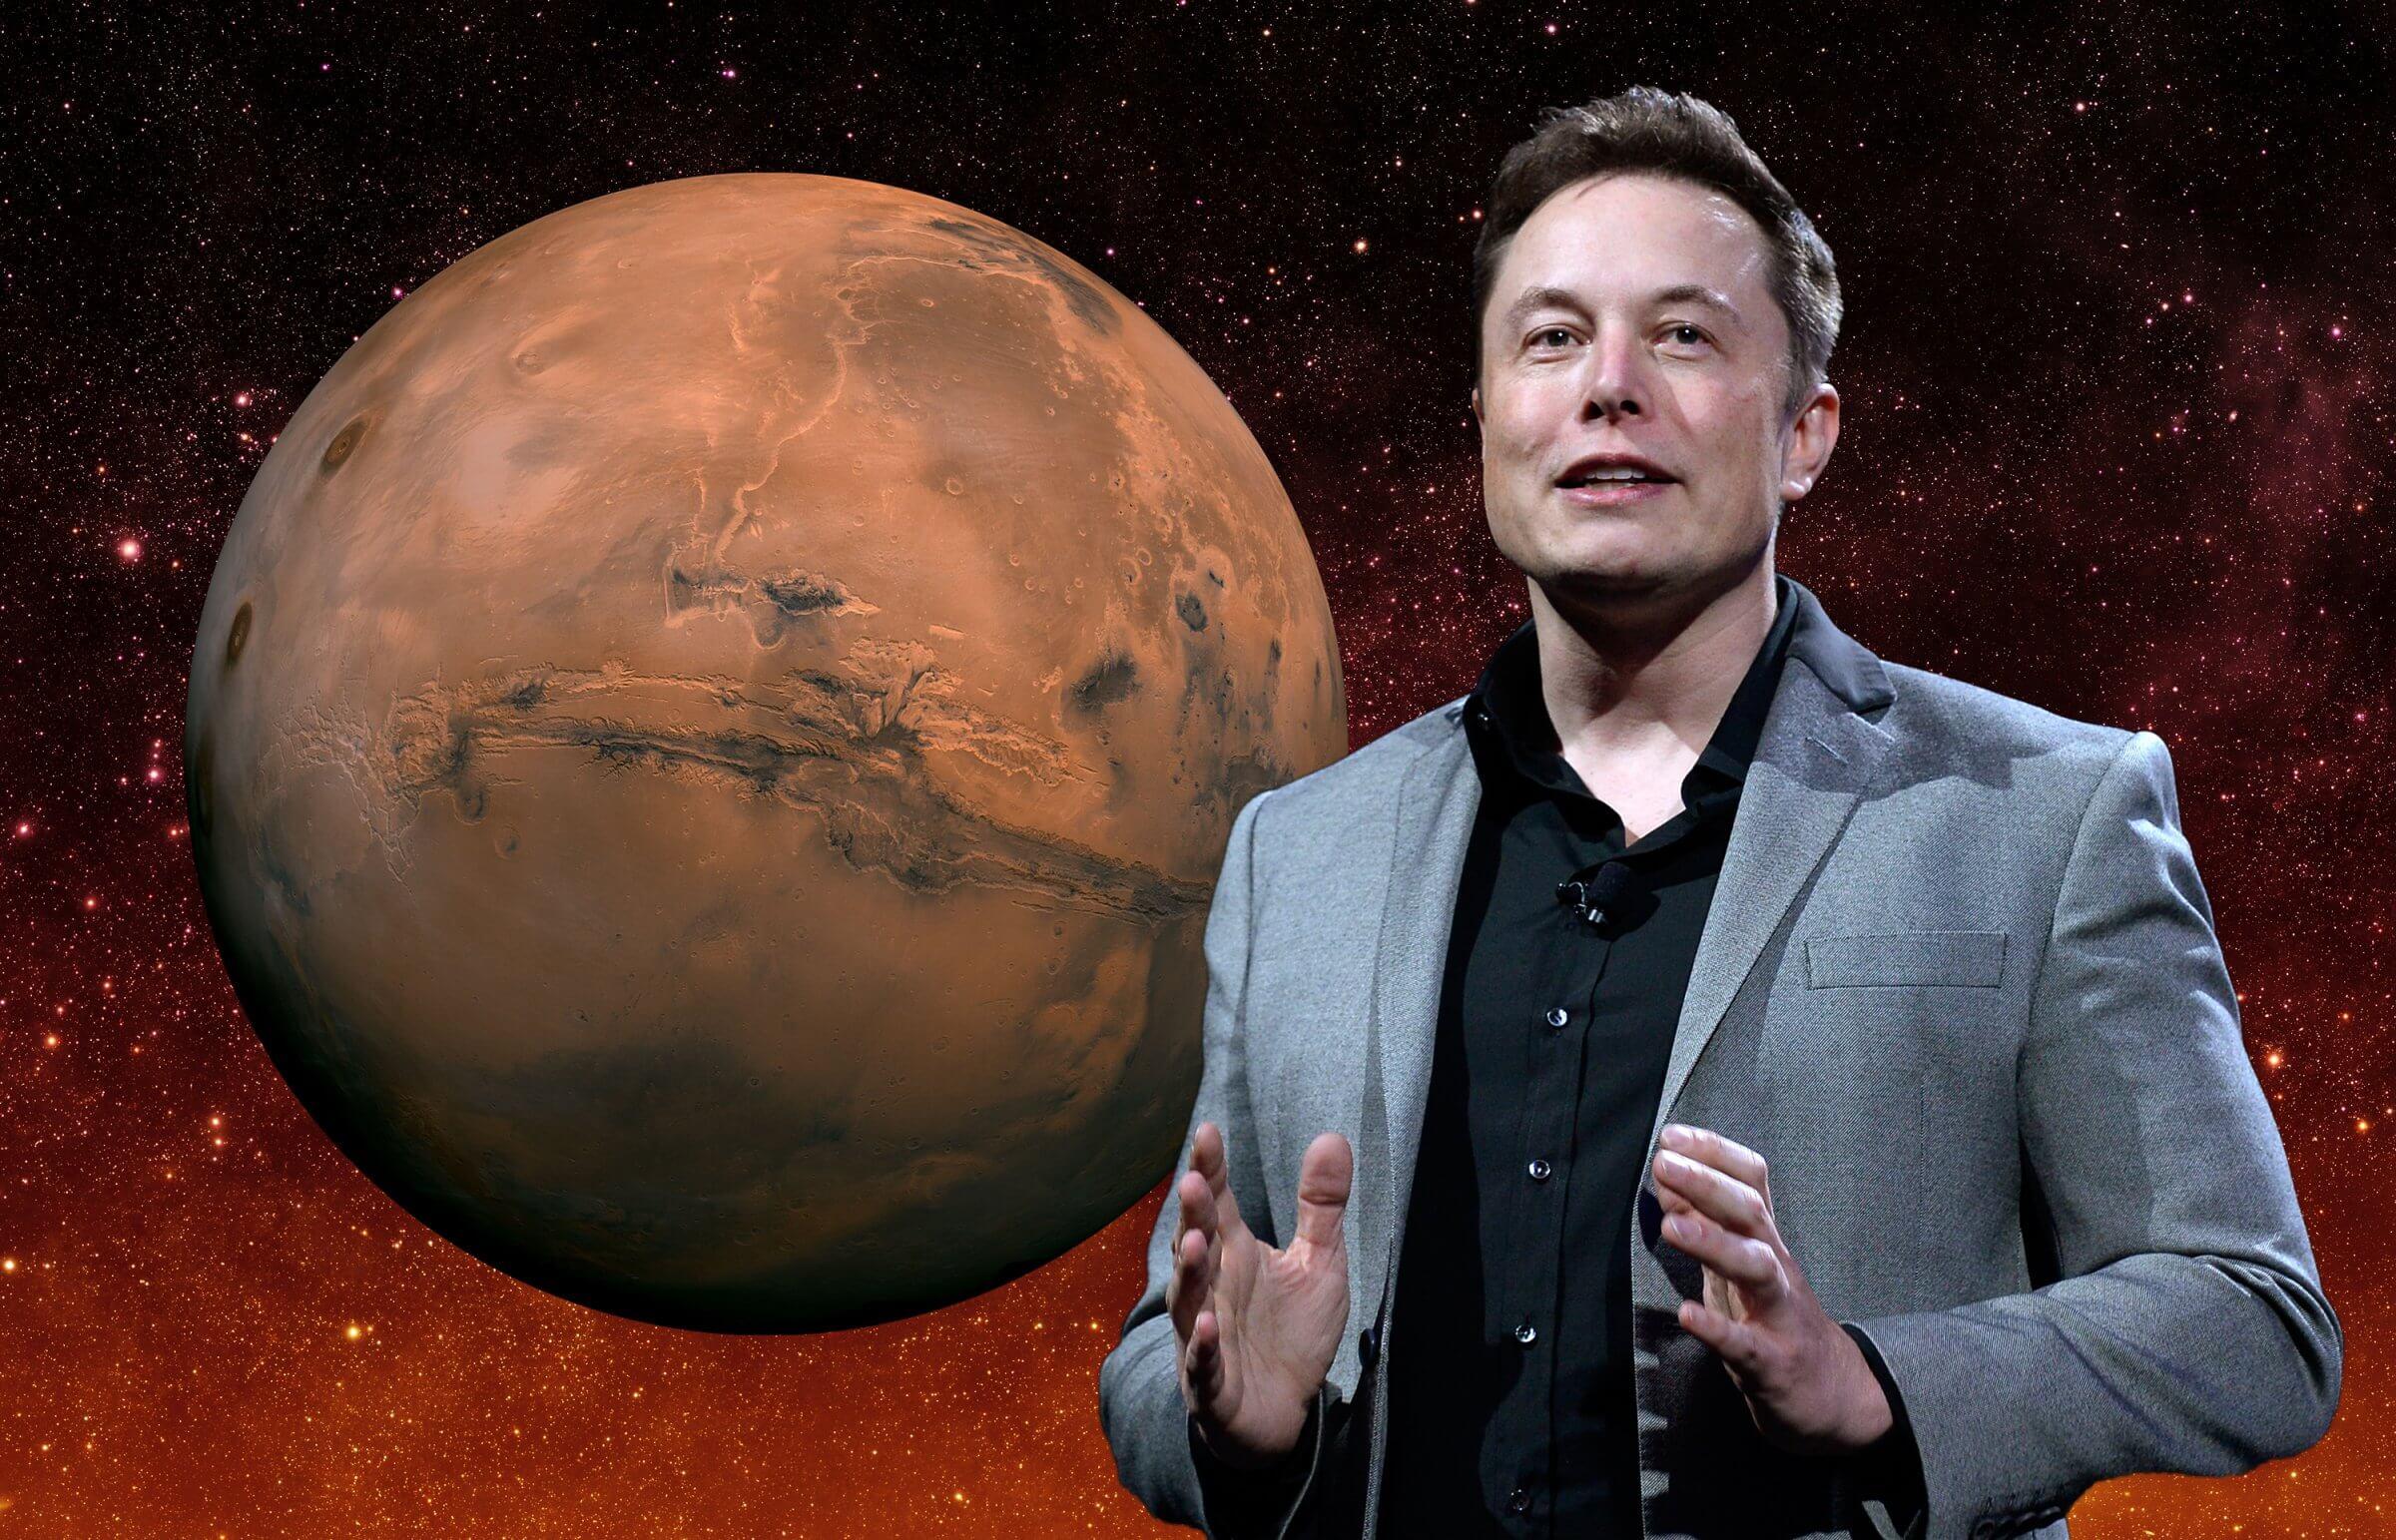 Elon Musk'ın Şu Anda İnandığı 13 Çılgın Şey: Mars Hükümeti Kuruluyor!